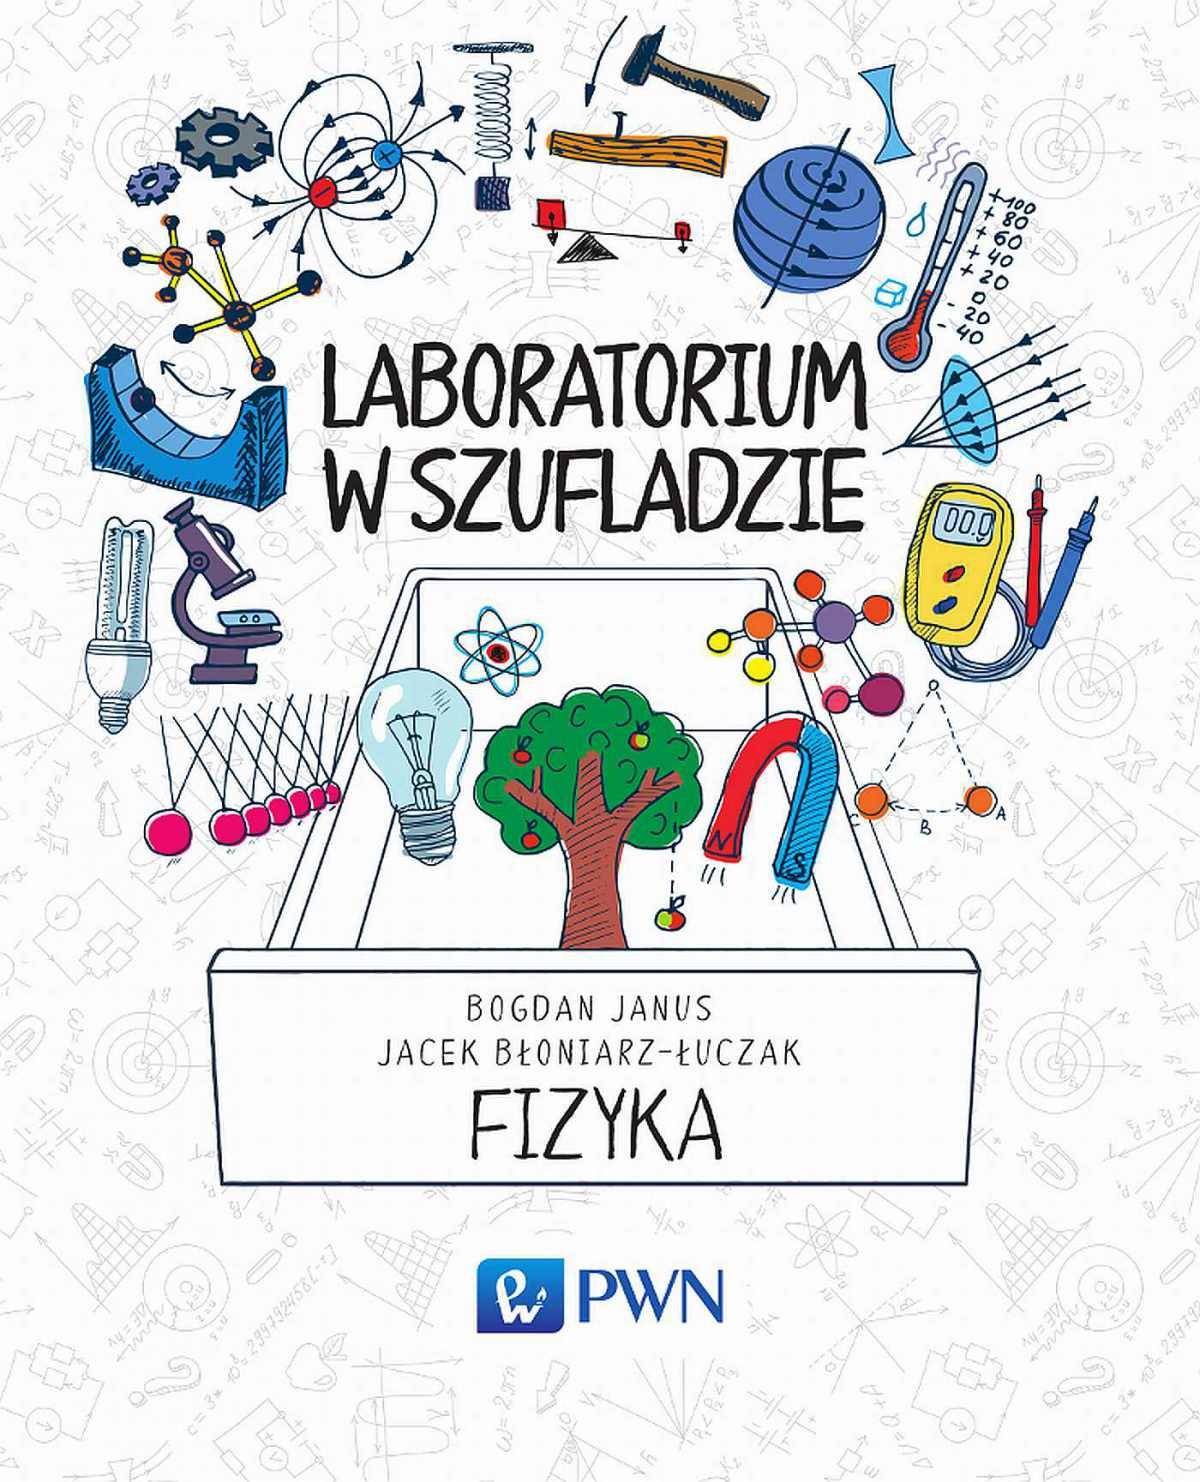 Laboratorium w szufladzie Fizyka - Ebook (Książka EPUB) do pobrania w formacie EPUB